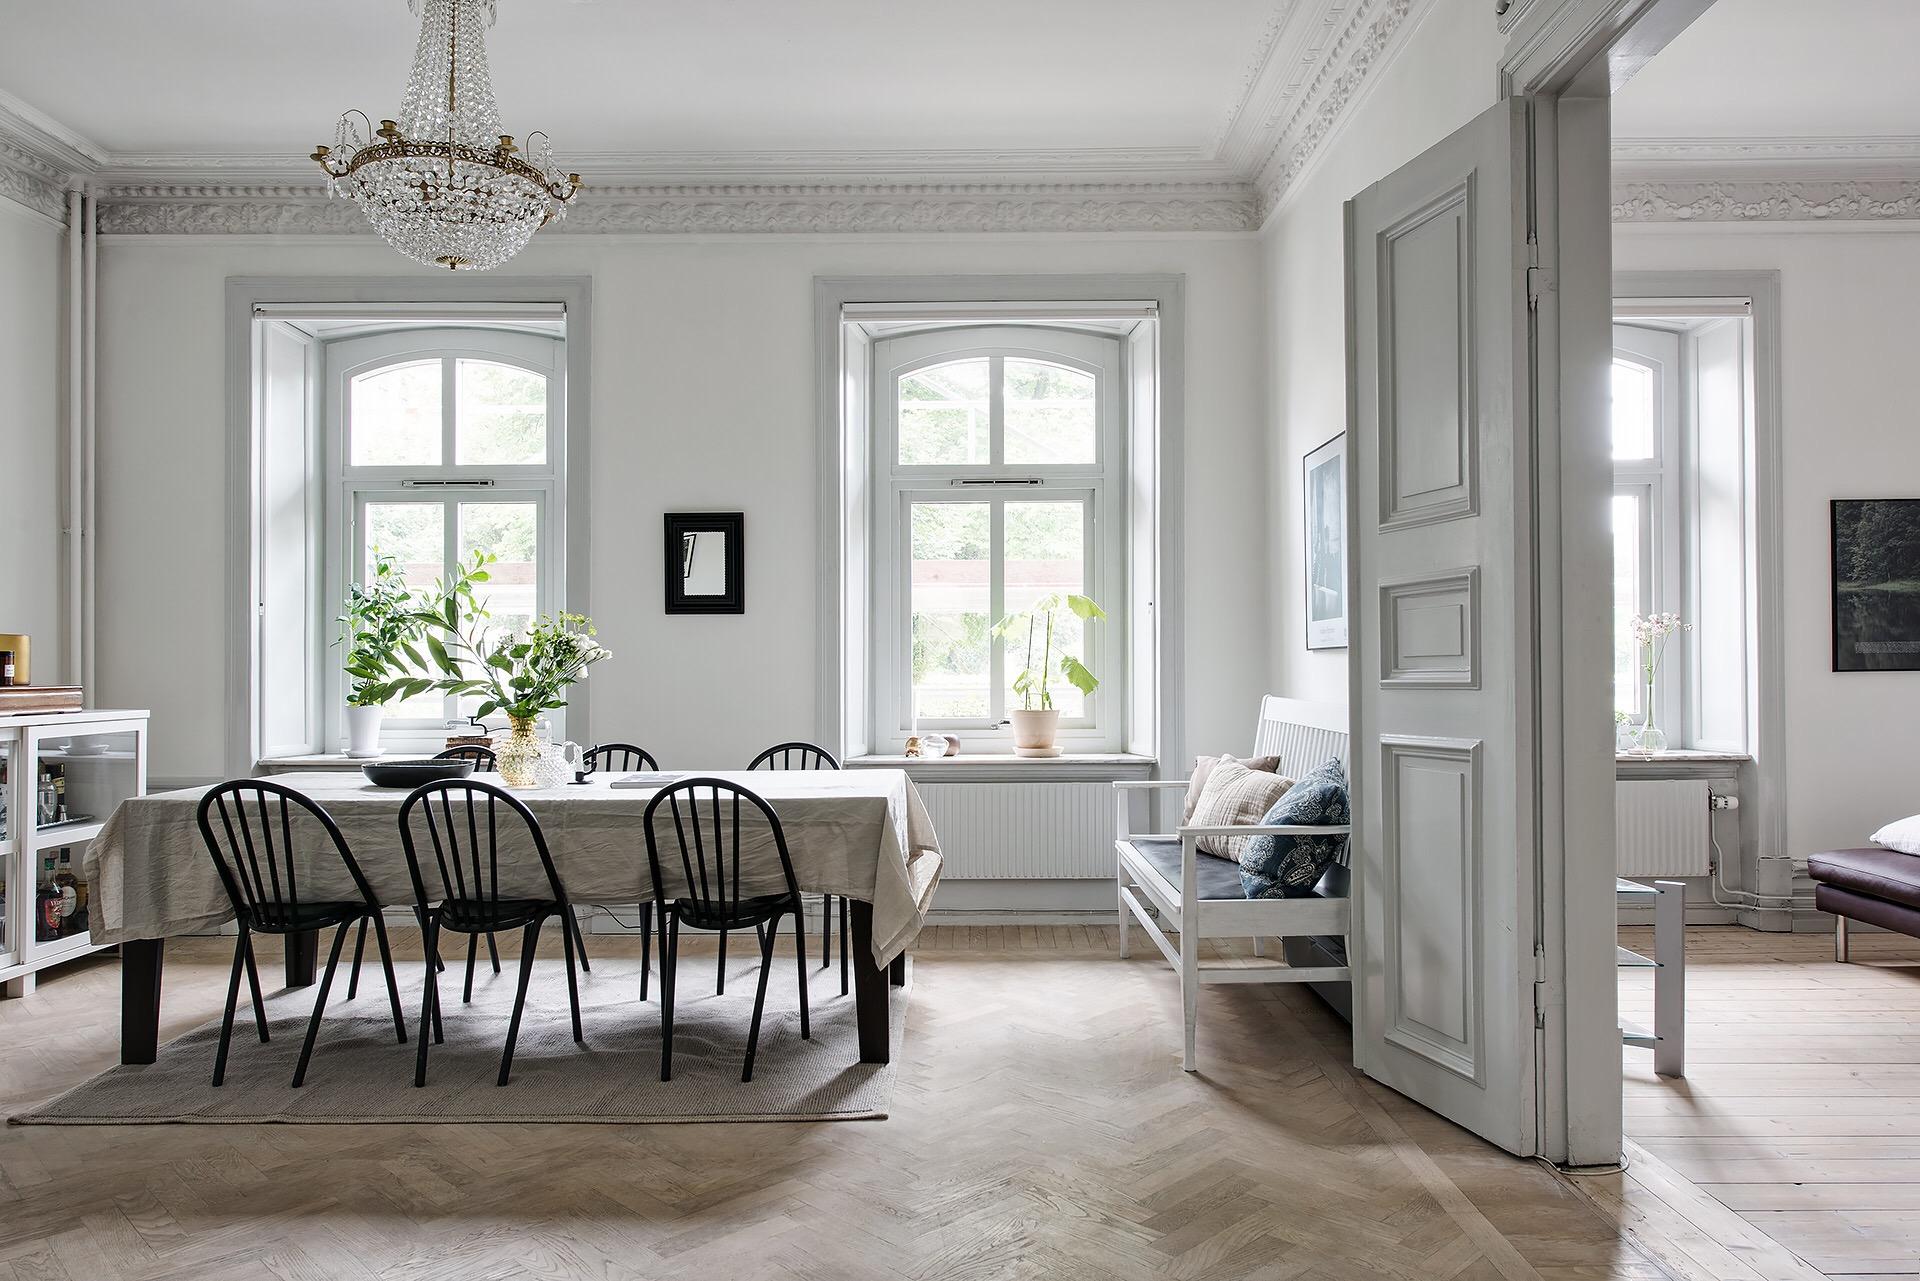 стол стул скамья окно паркет потолок лепнина